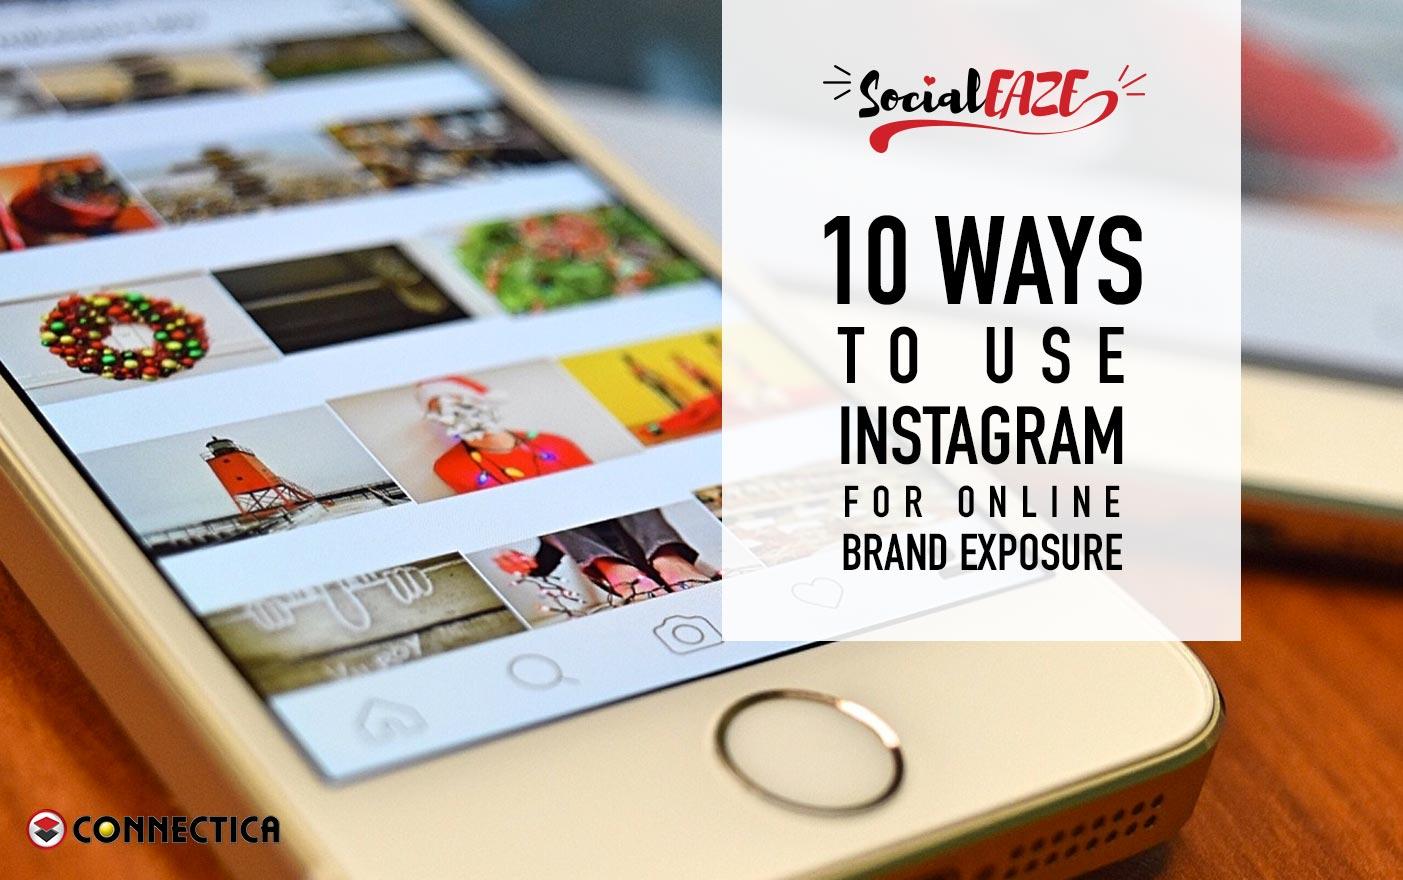 Online Brand Exposure